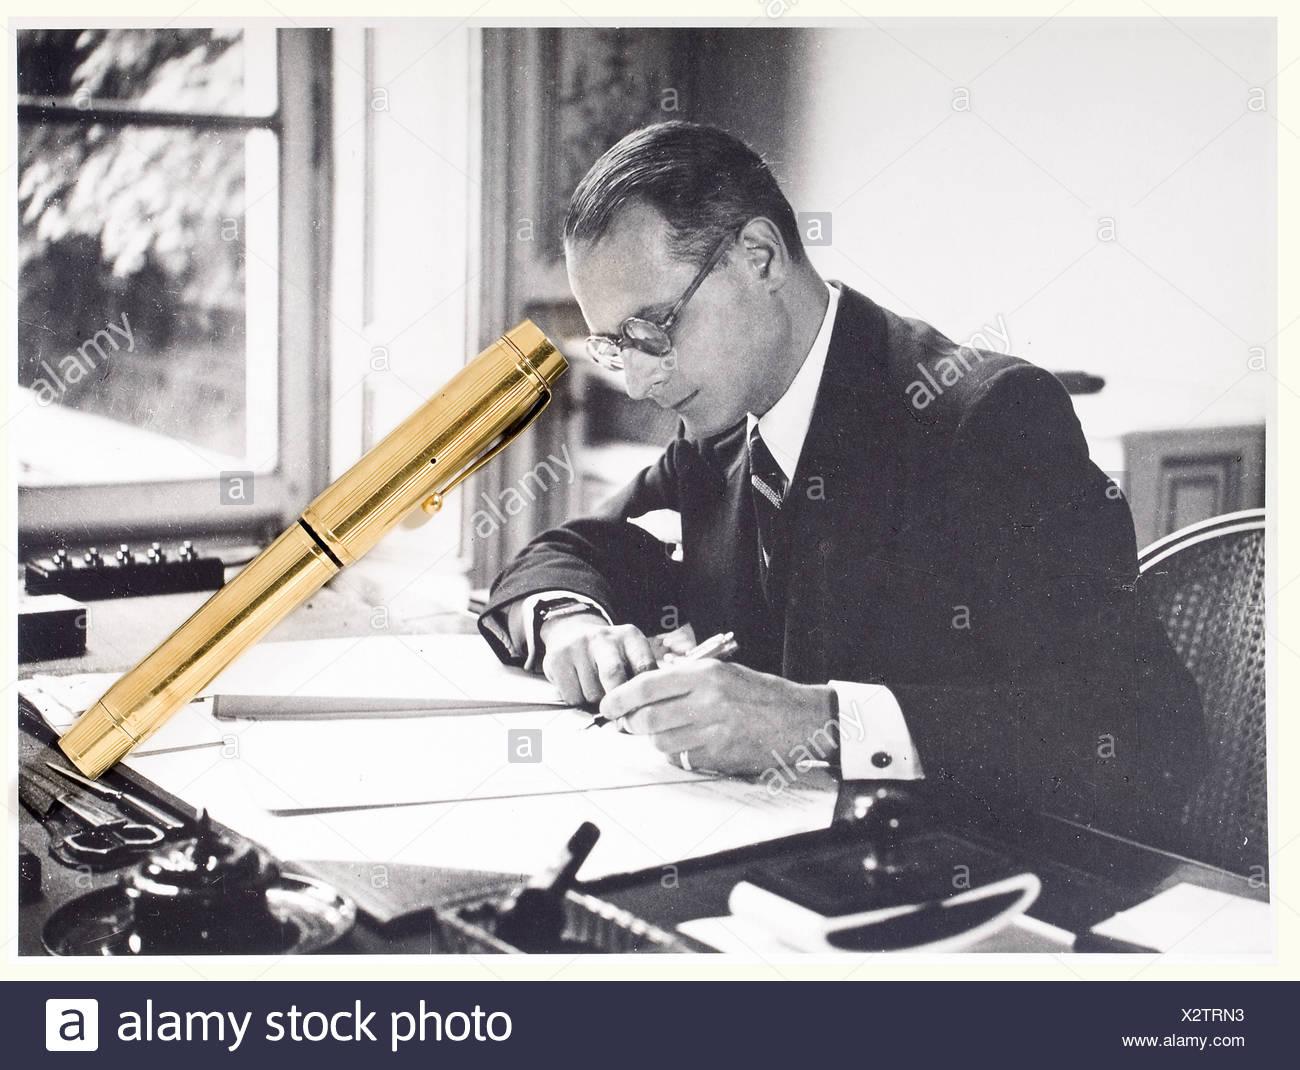 Jacques Benoist-Méchin - stylo plume en or, lui ayant appartenu. Modèle à pompe, poinçons de contrôle sur le corps du stylo. Joint deux photos montrant Jacques Benoist-Méchin avec ce stylo. people, 20th century, object, objects, stills, clipping, clippings, cut out, cut-out, cut-outs, man, men, male, Additional-Rights-Clearances-NA Stock Photo